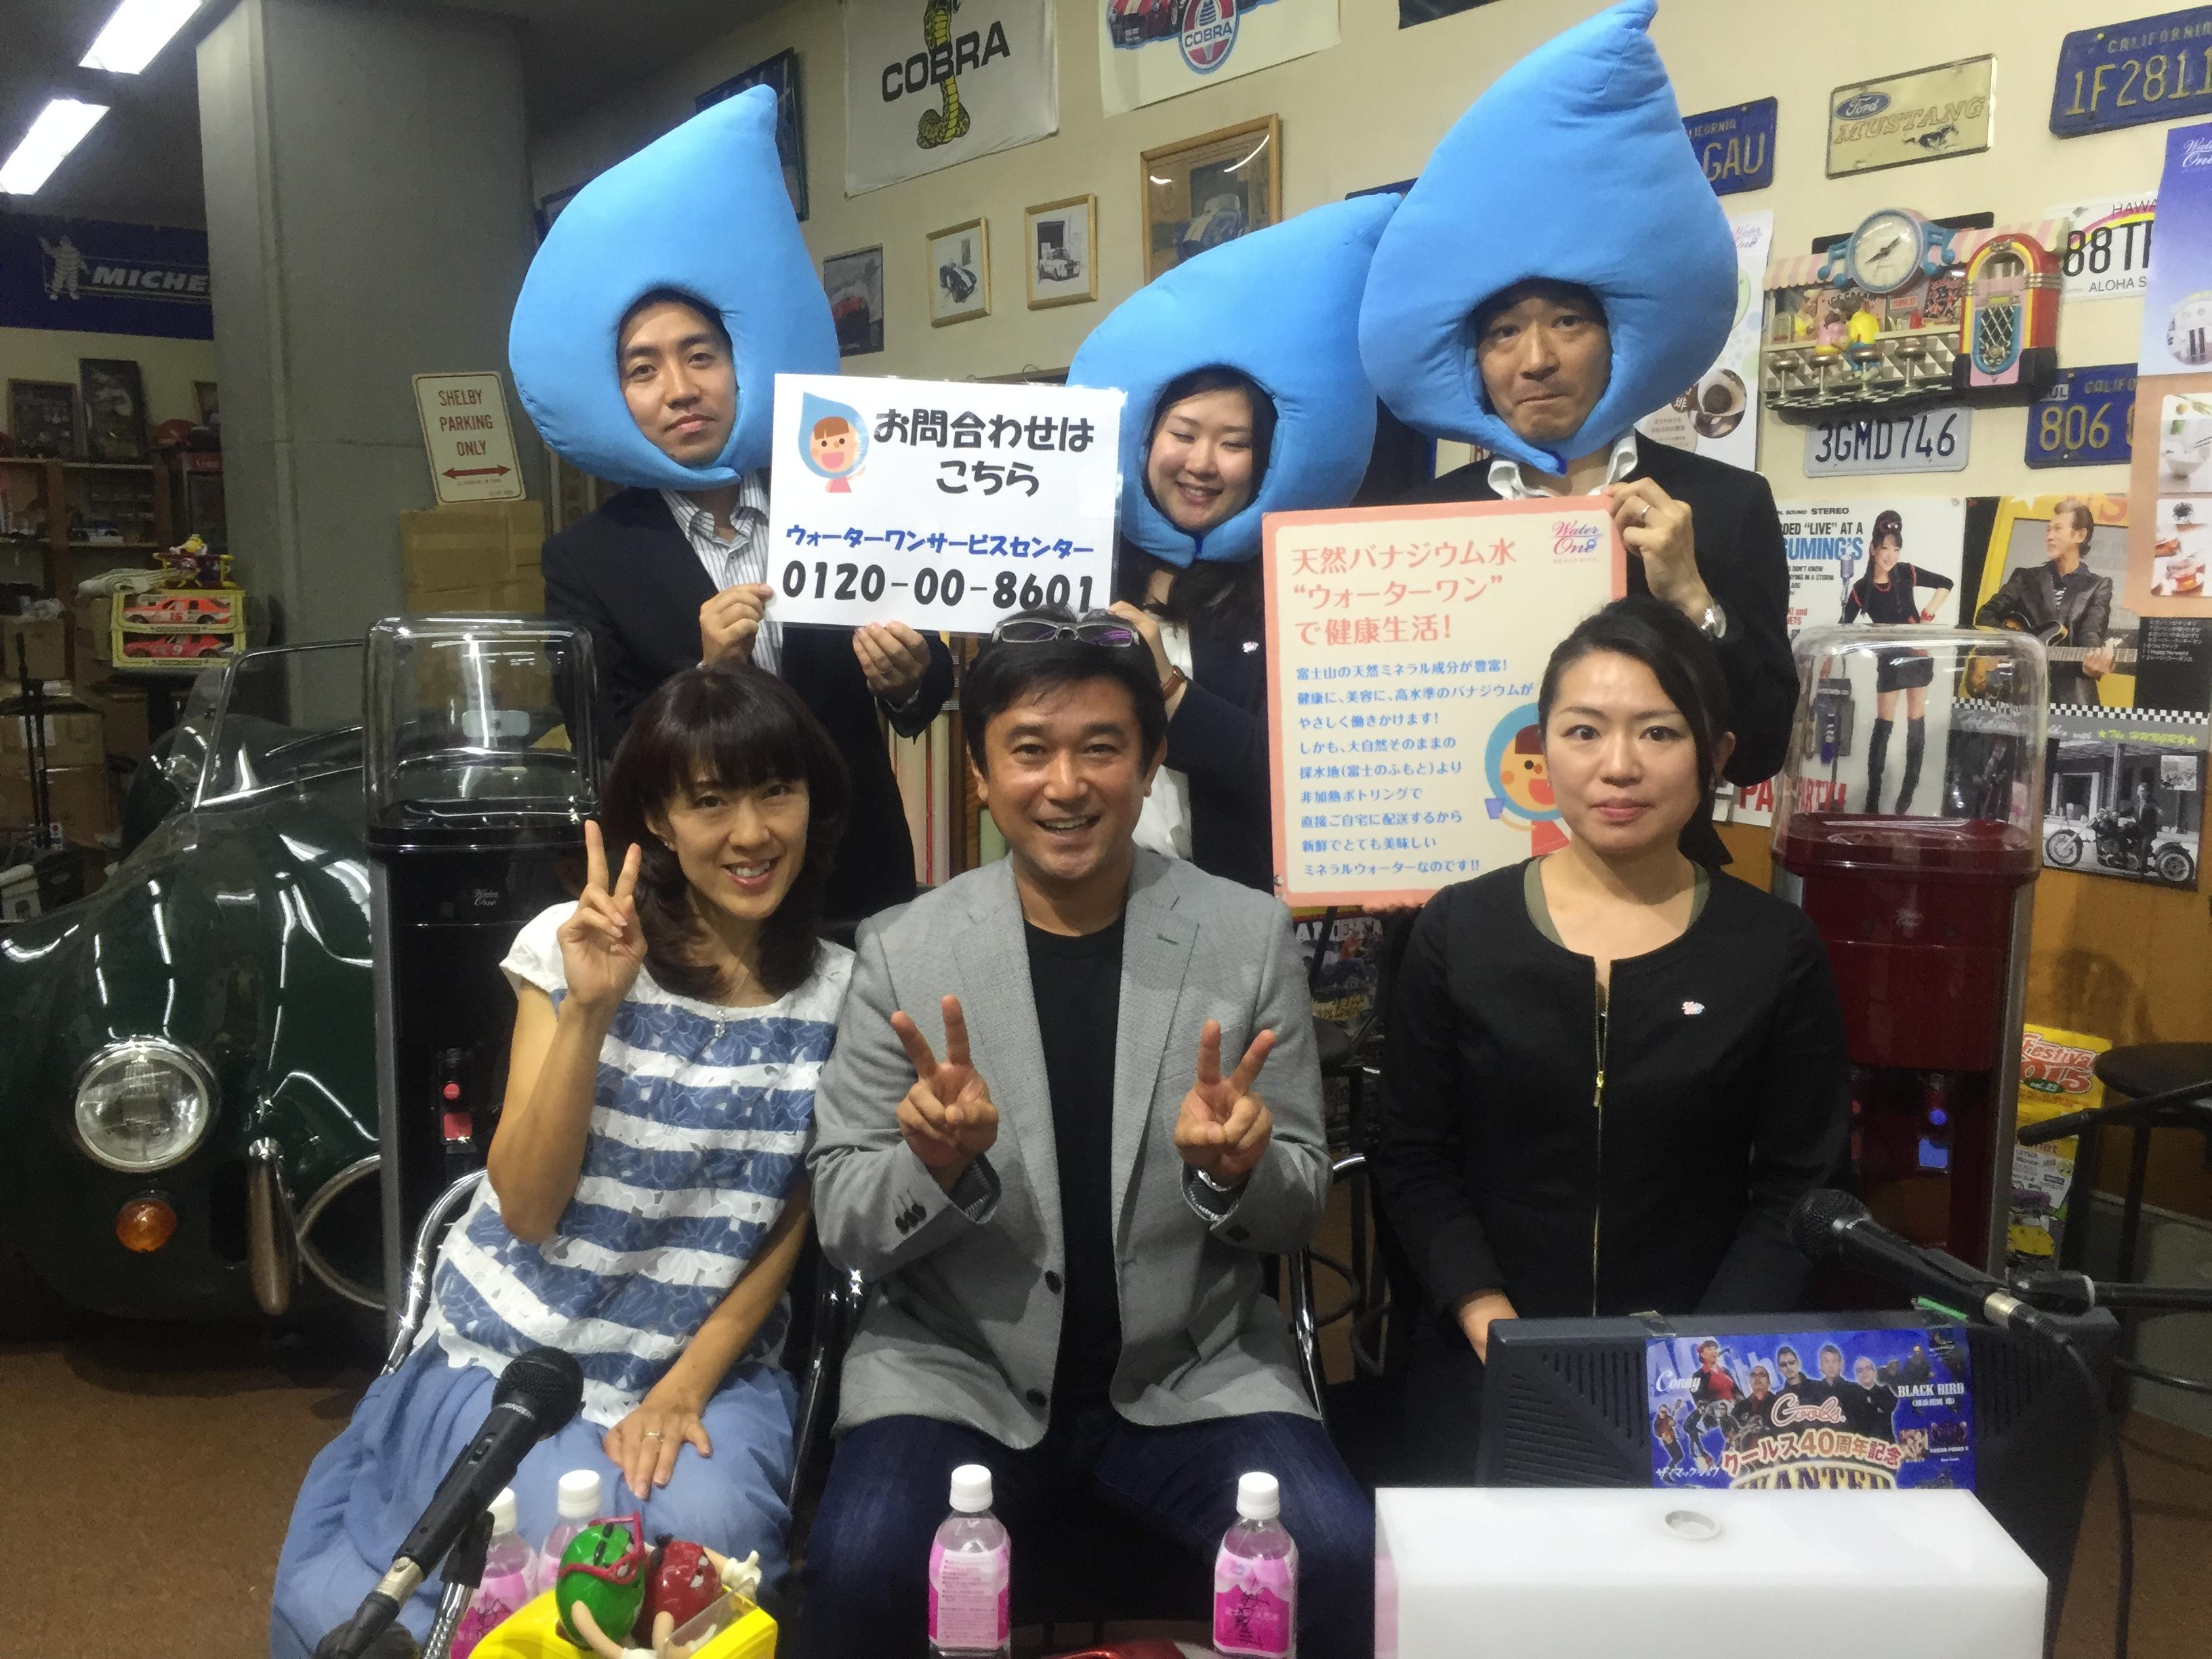 『片岡聖子のノッてるTV~ナニ観てんだよ!』#2(2015年05月28日放送分)